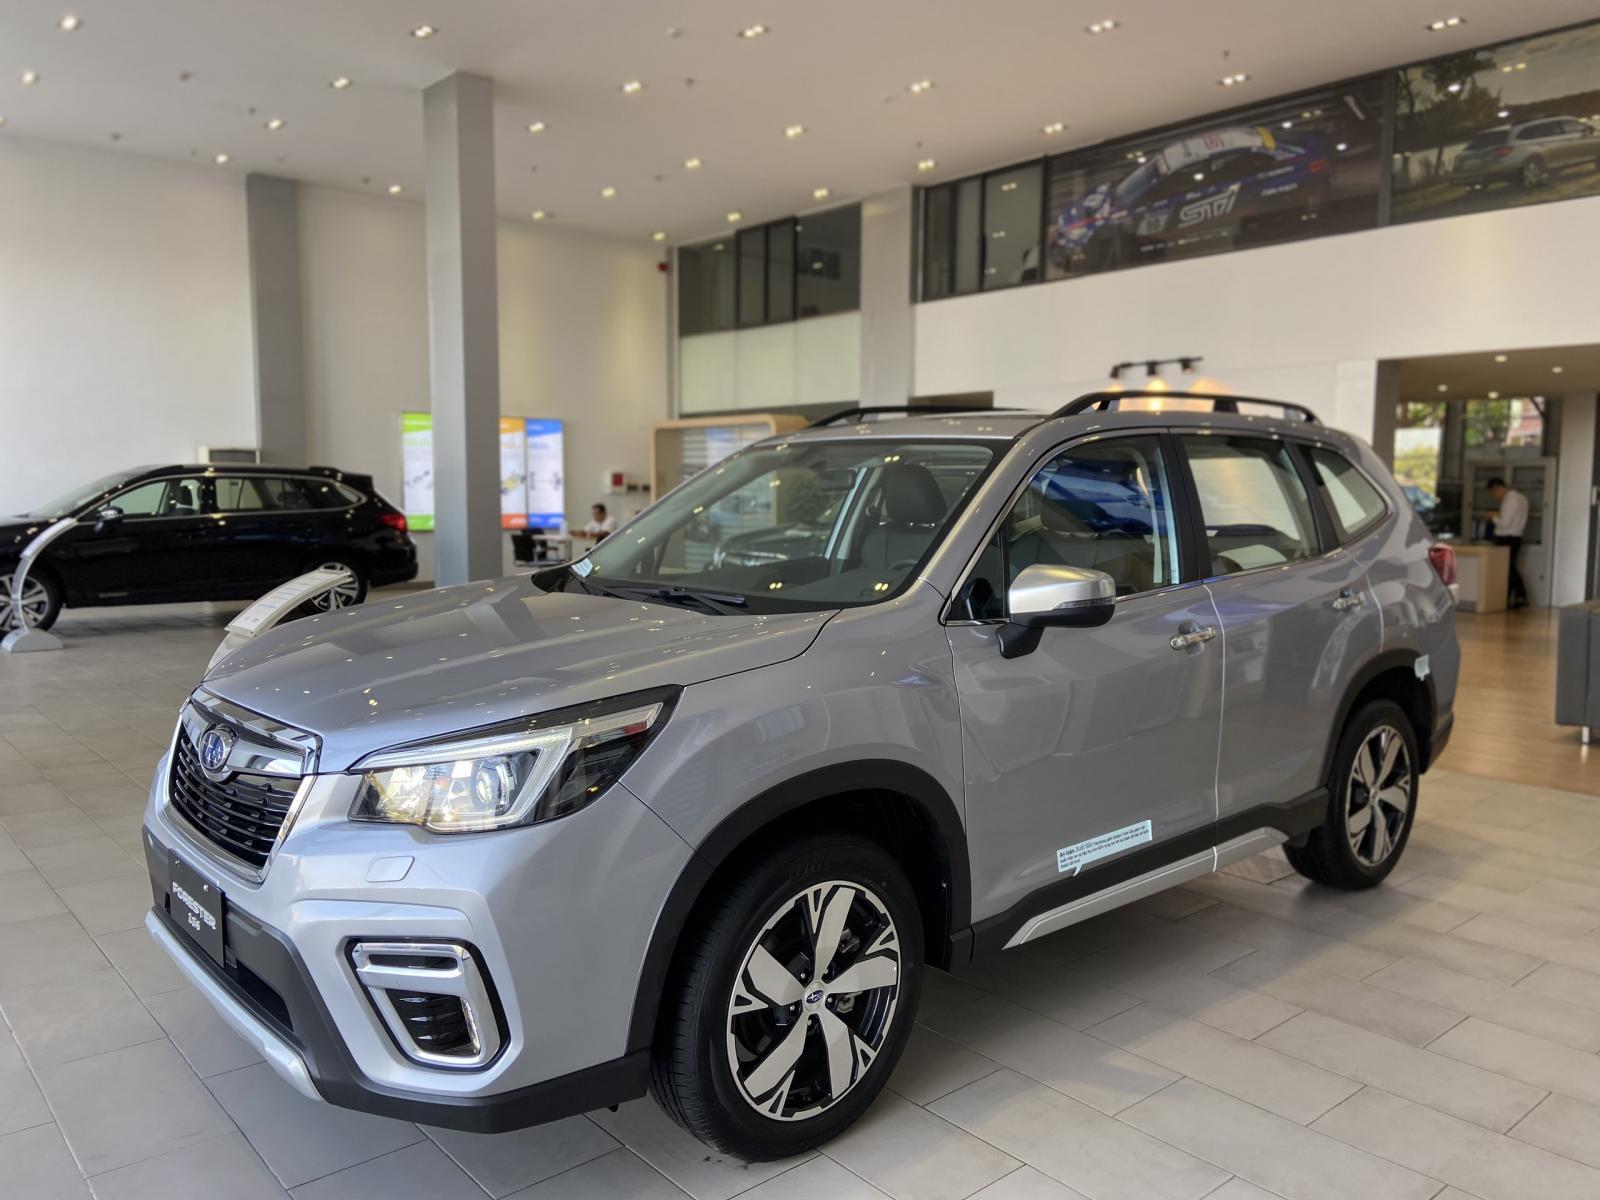 Bán ô tô Subaru Forester đời 2020, màu bạc, nhập khẩu